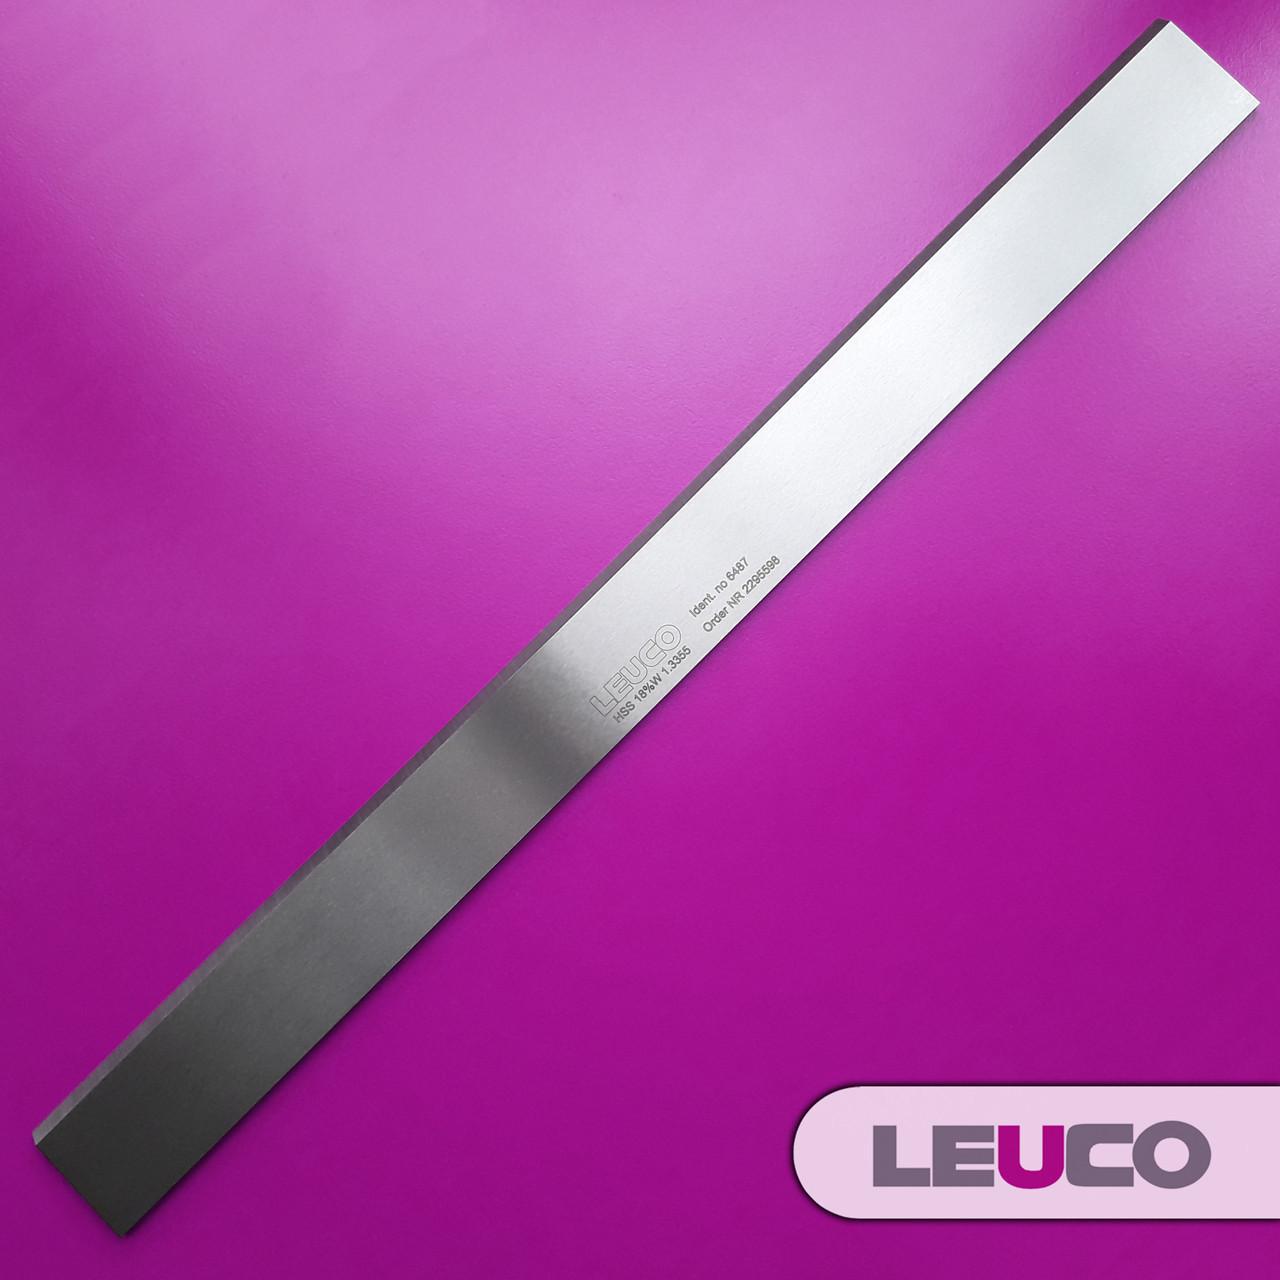 810х35x3 HSS 18% Строгальные (фуговальные) ножи Leuco для фуганков и рейсмусов